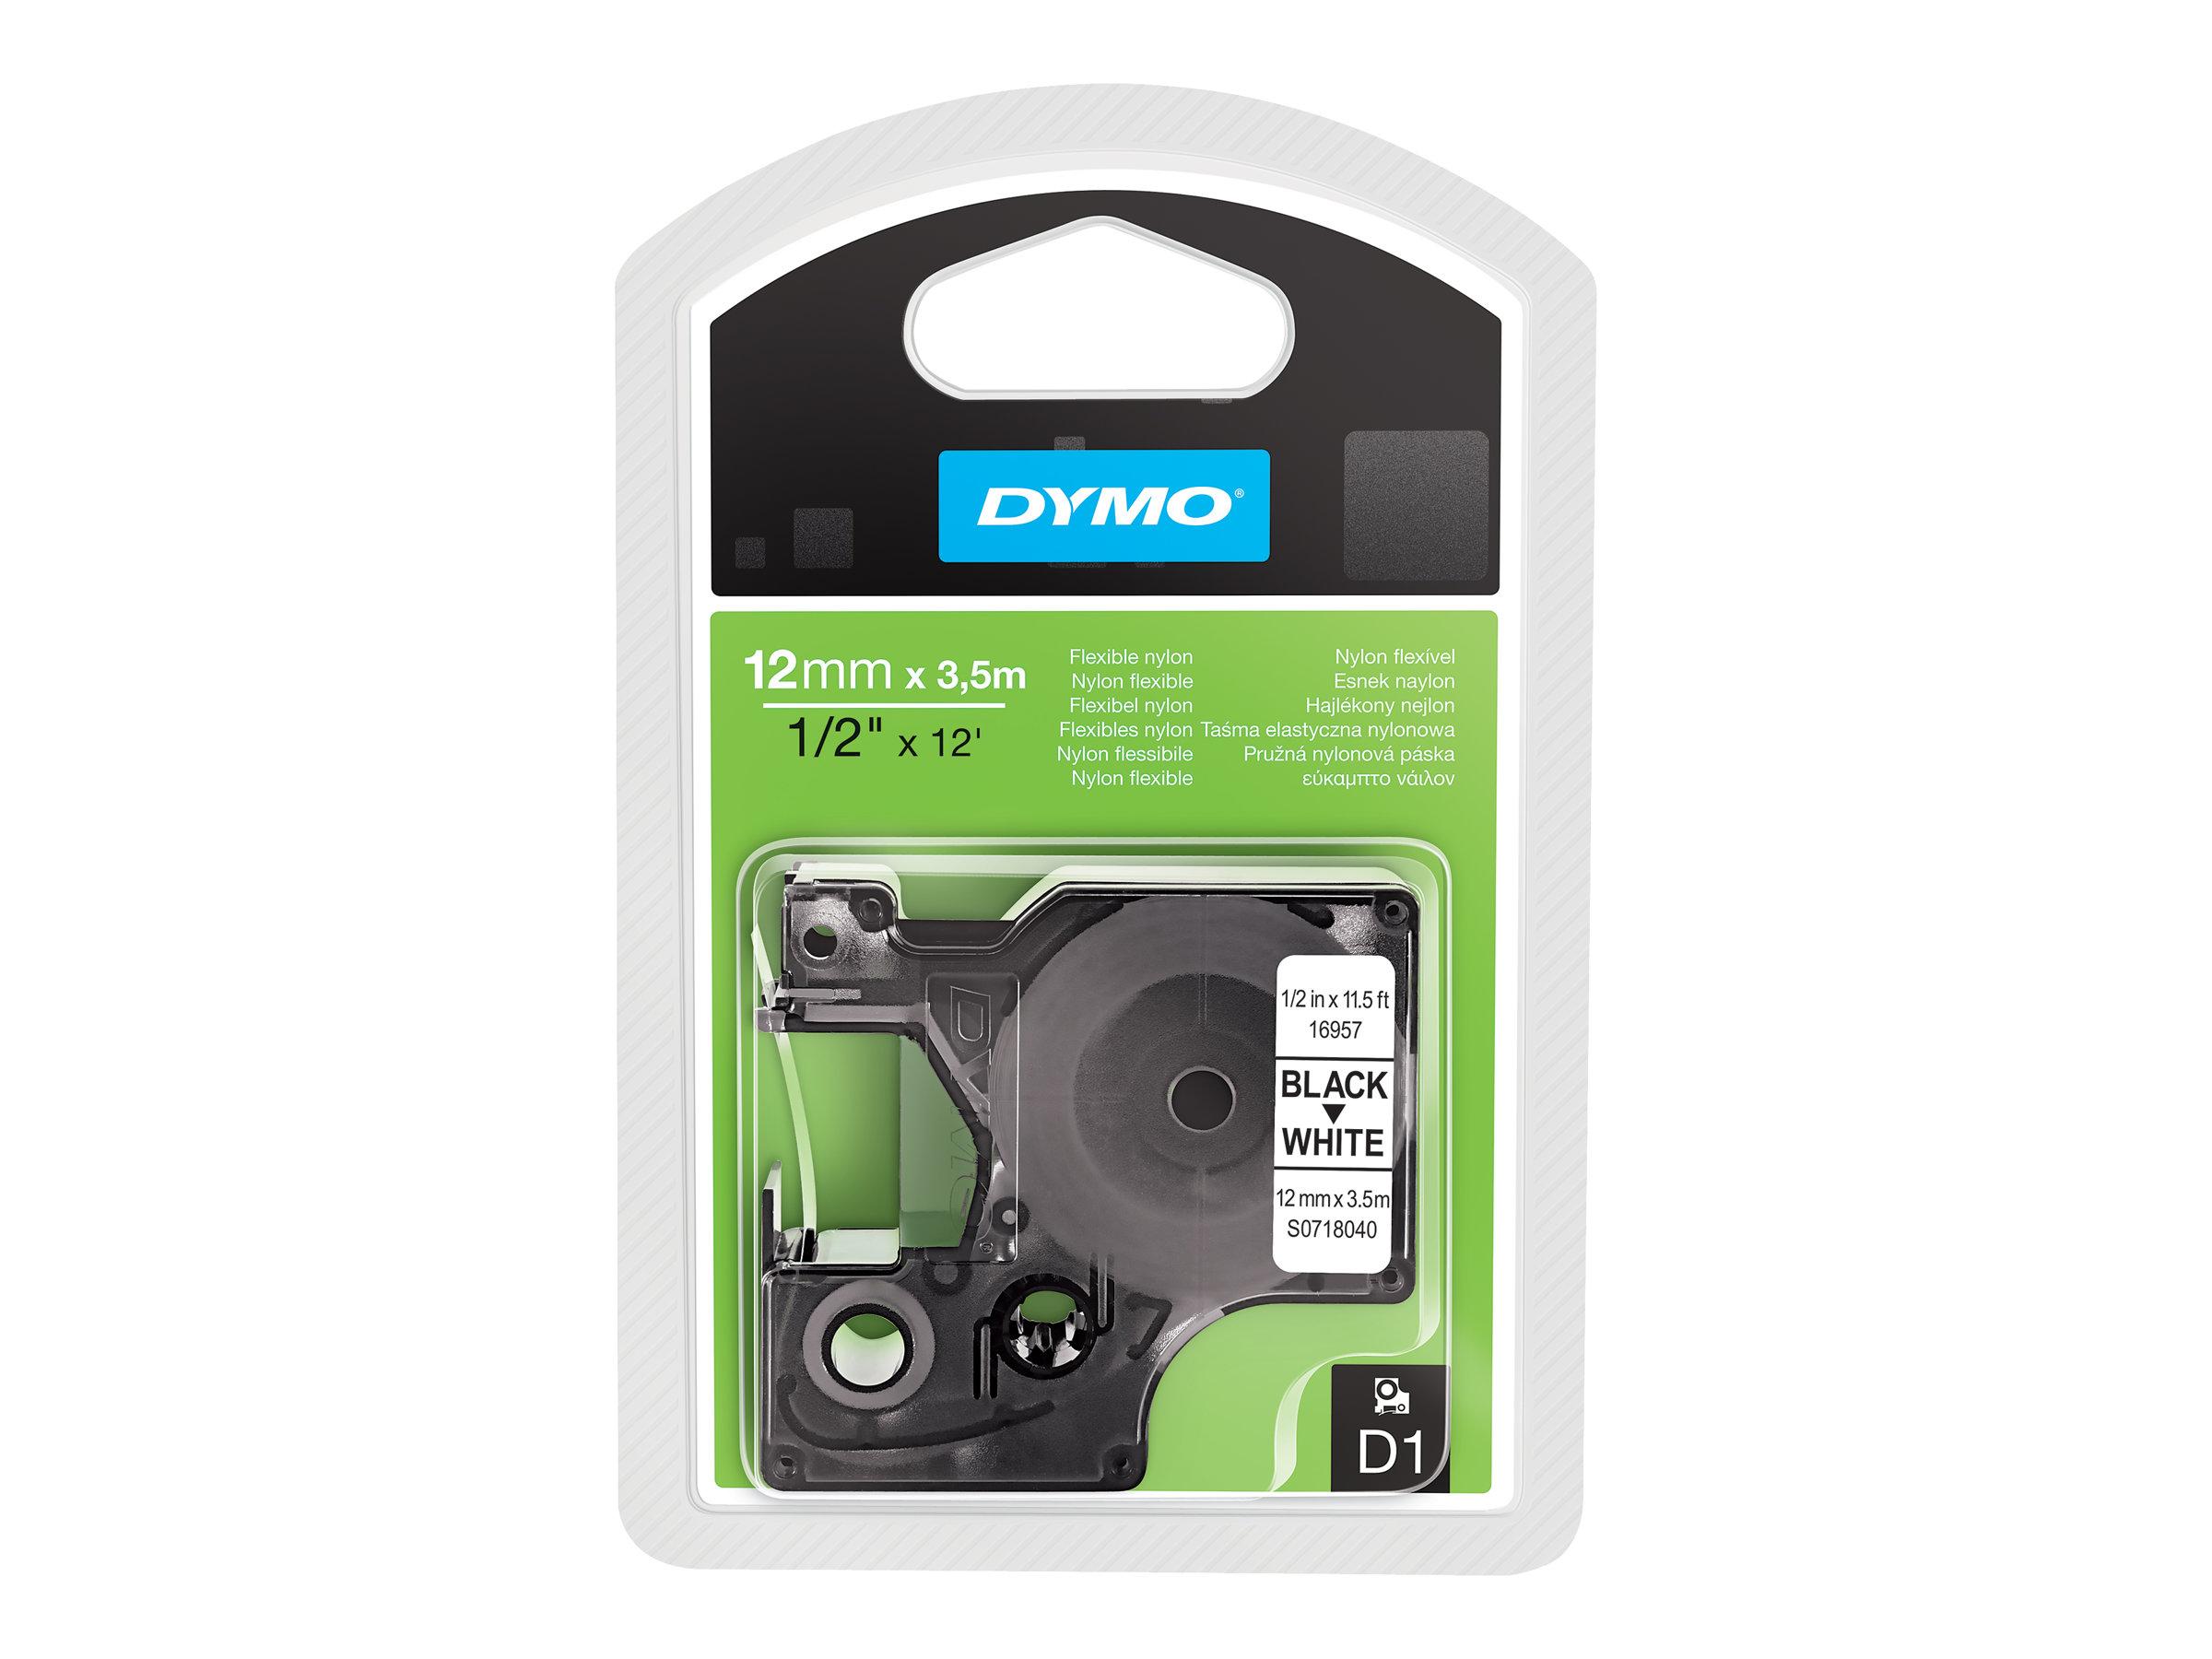 Dymo Nylon - Schwarz auf Weiß - Roll (1.2 cm x 3.5 m) 1 Rolle(n) Flexitape